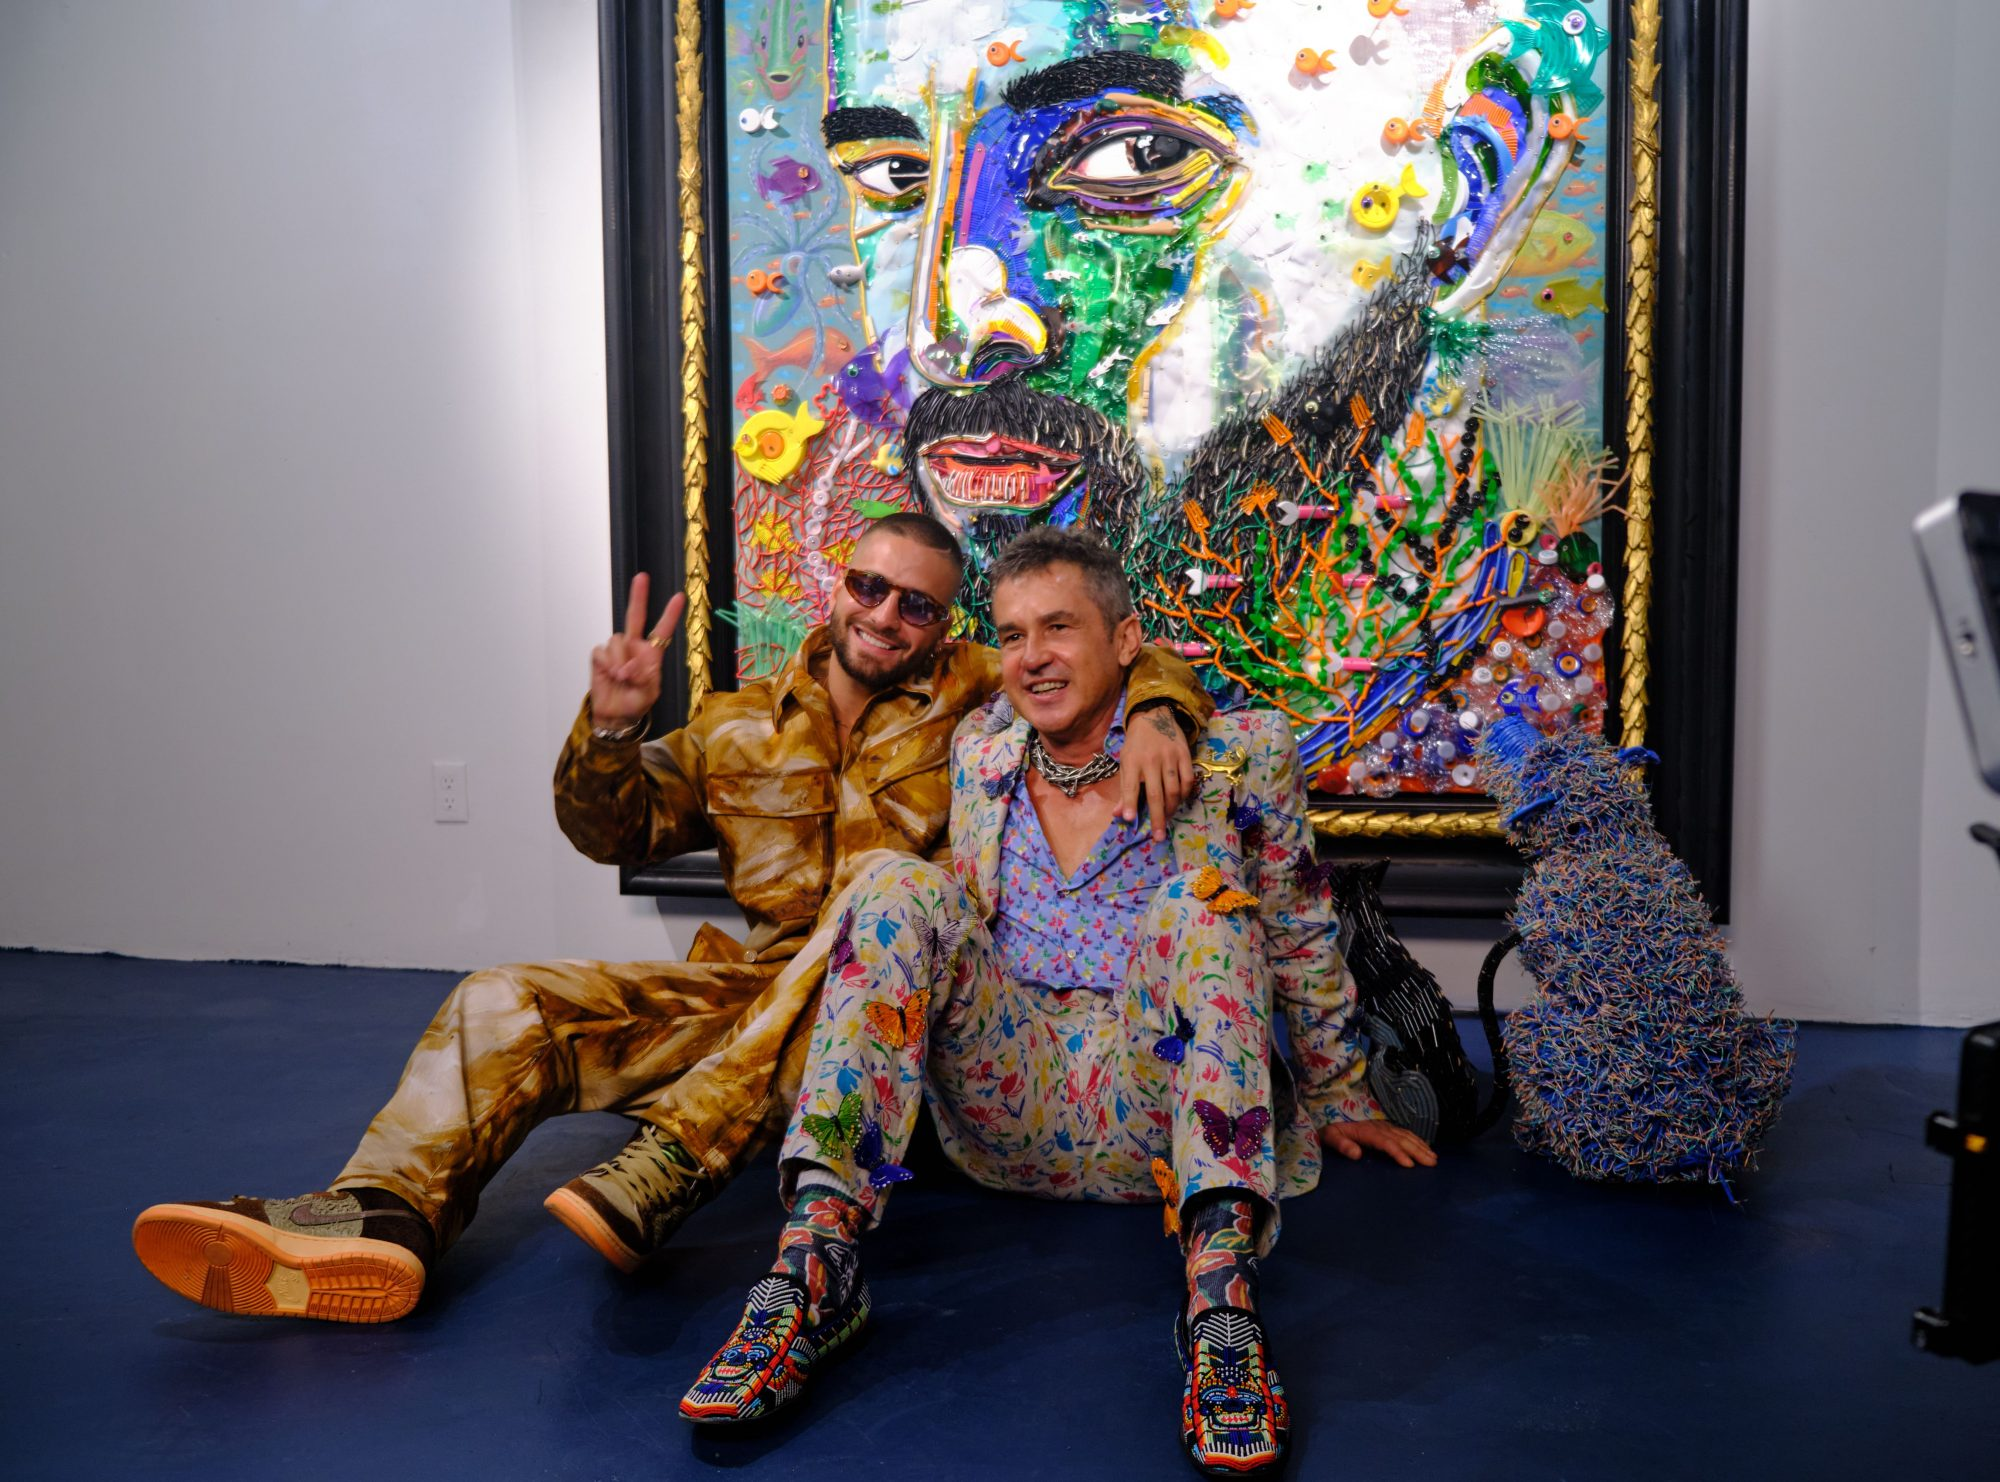 Maluma y el artista Francisco Uribe frente al retrato del cantante colombiano.